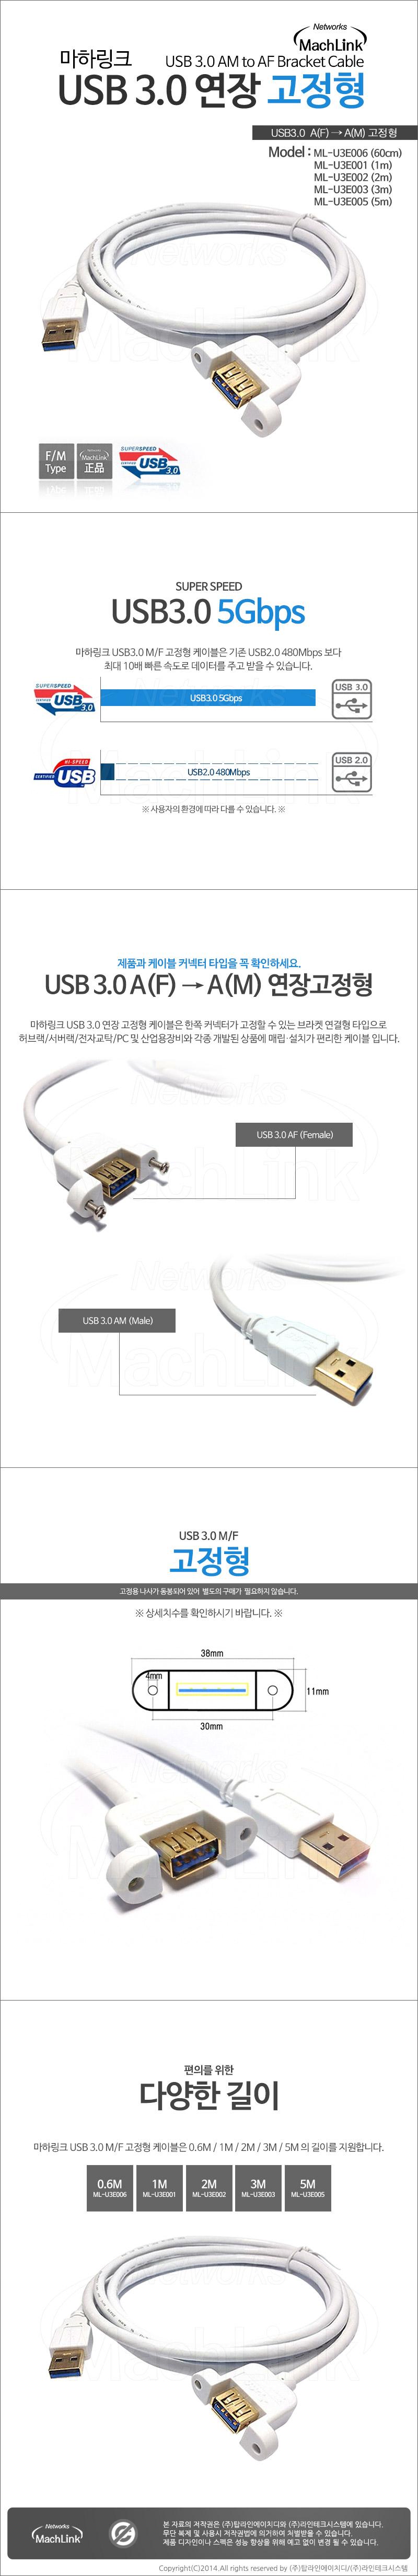 마하링크  USB 3.0 (A-A) (M/F) 연장 고정형 케이블(3m, ML-U3E003)